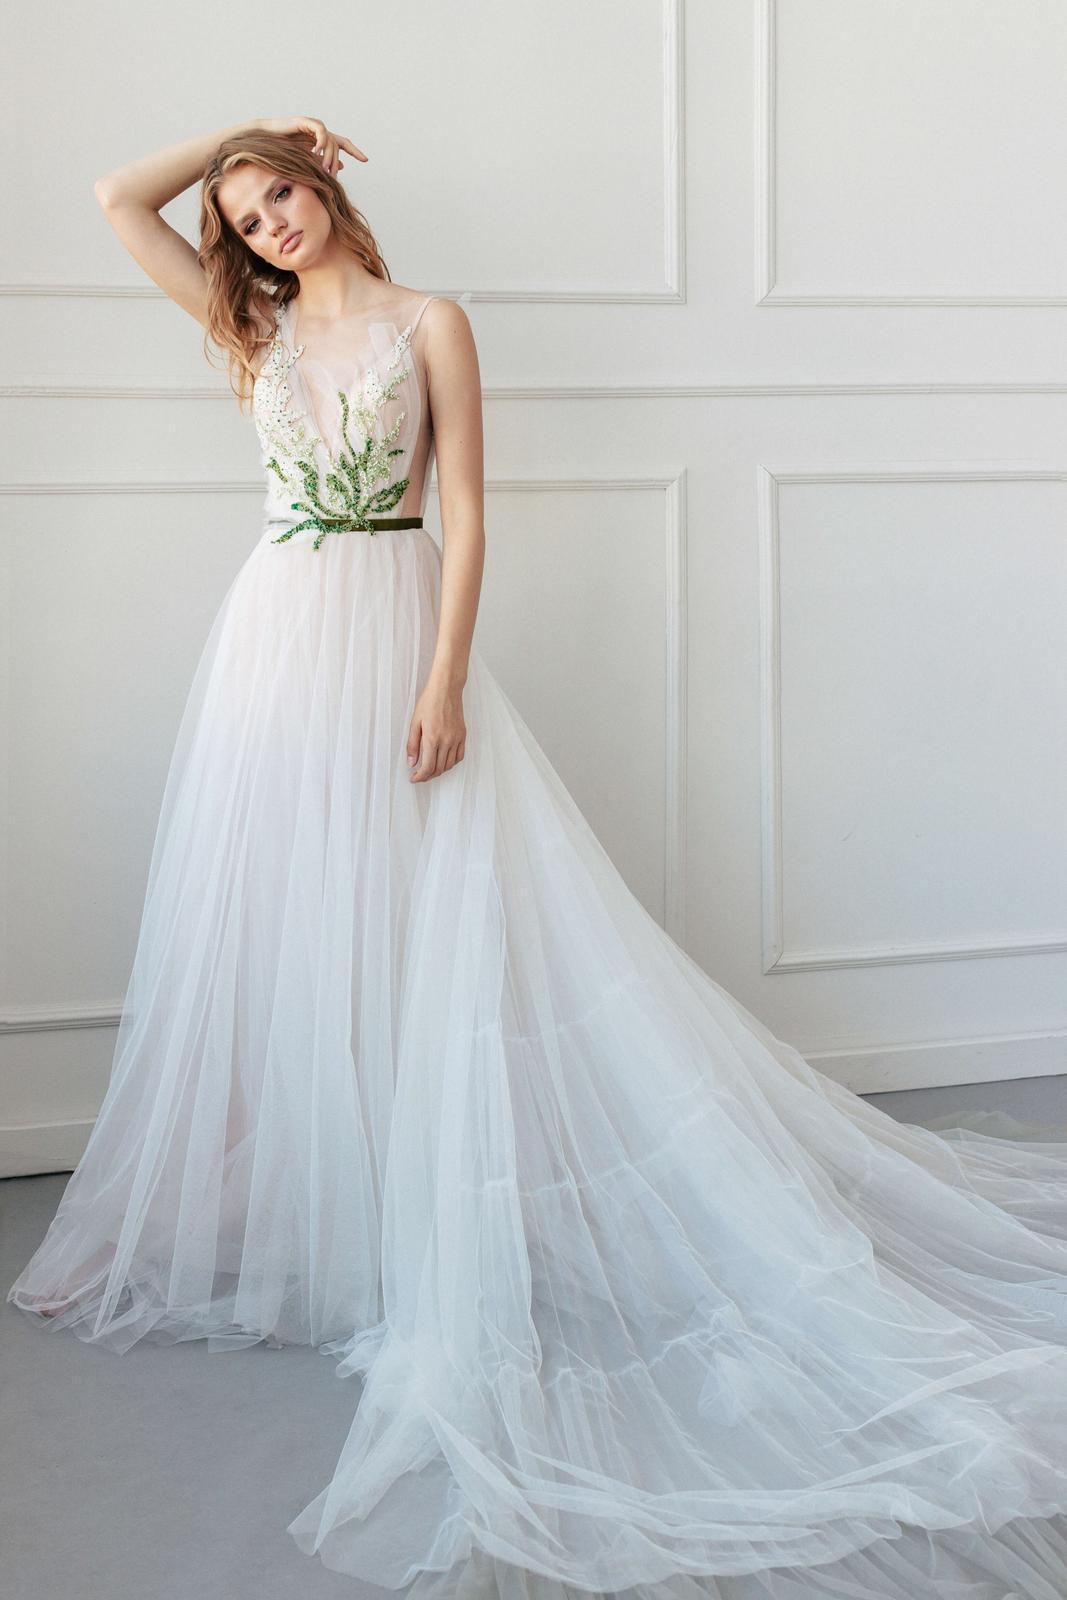 Ach tie šaty :) - Obrázek č. 47